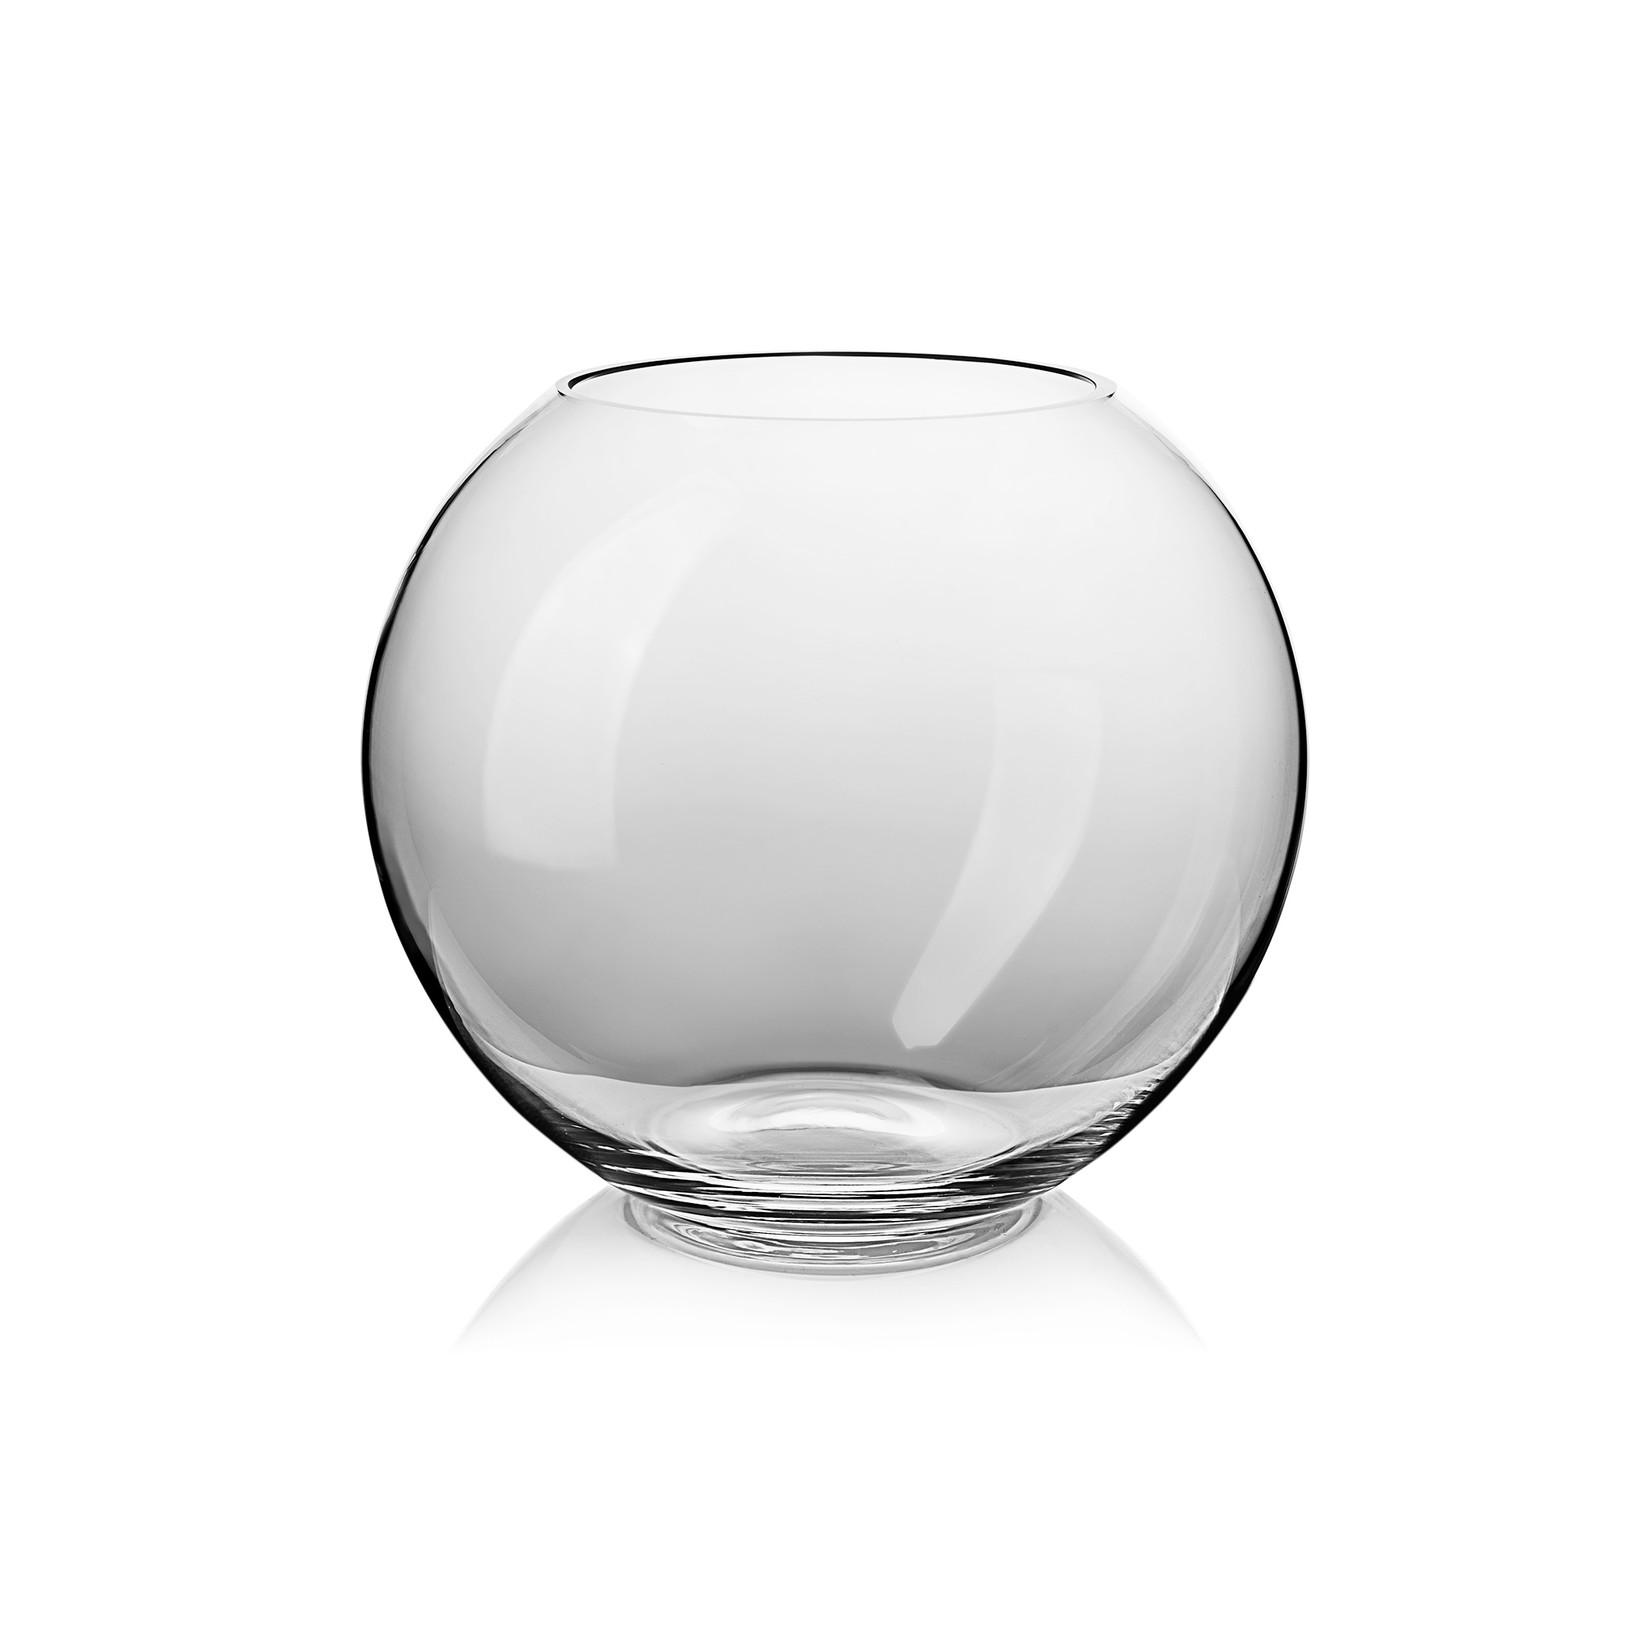 Skloglass Handgemaakt kristallen bolvaas Groot